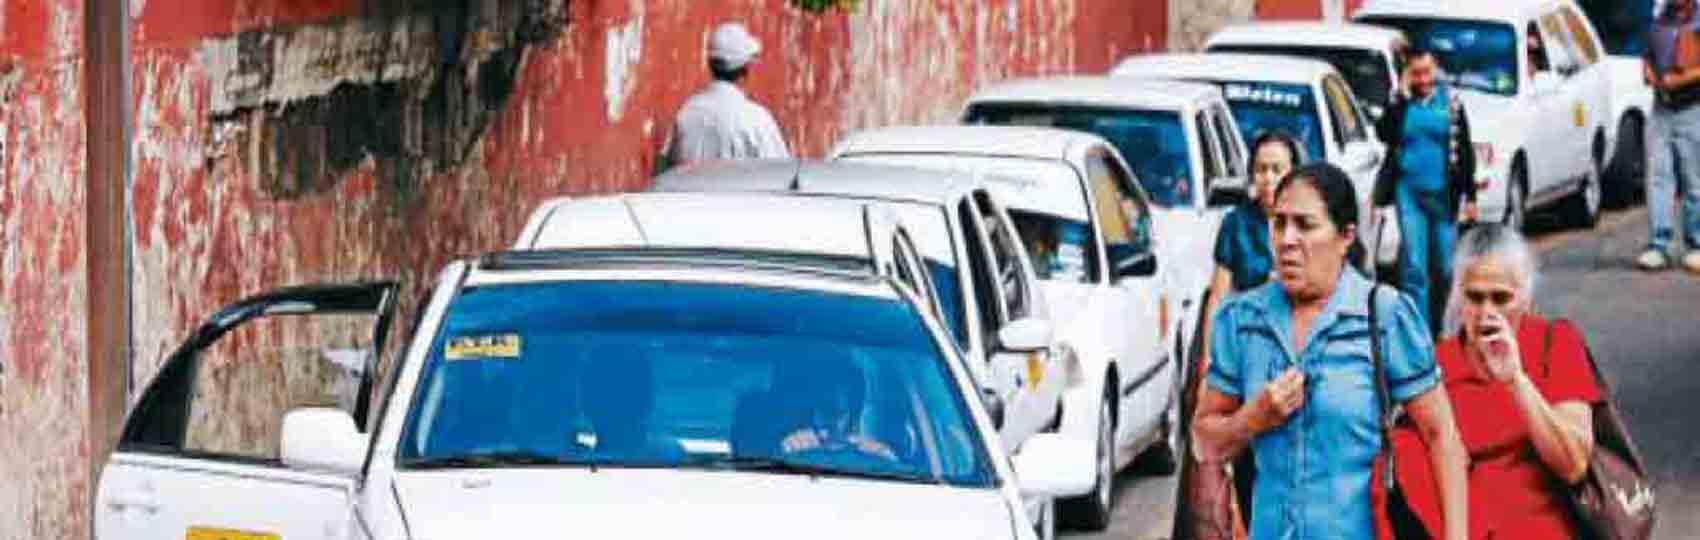 Noticias del sector del taxi y la movilidad en Honduras. Mantente informado de todas las noticias del taxi de Honduras en el grupo de Facebook de Todo Taxi.